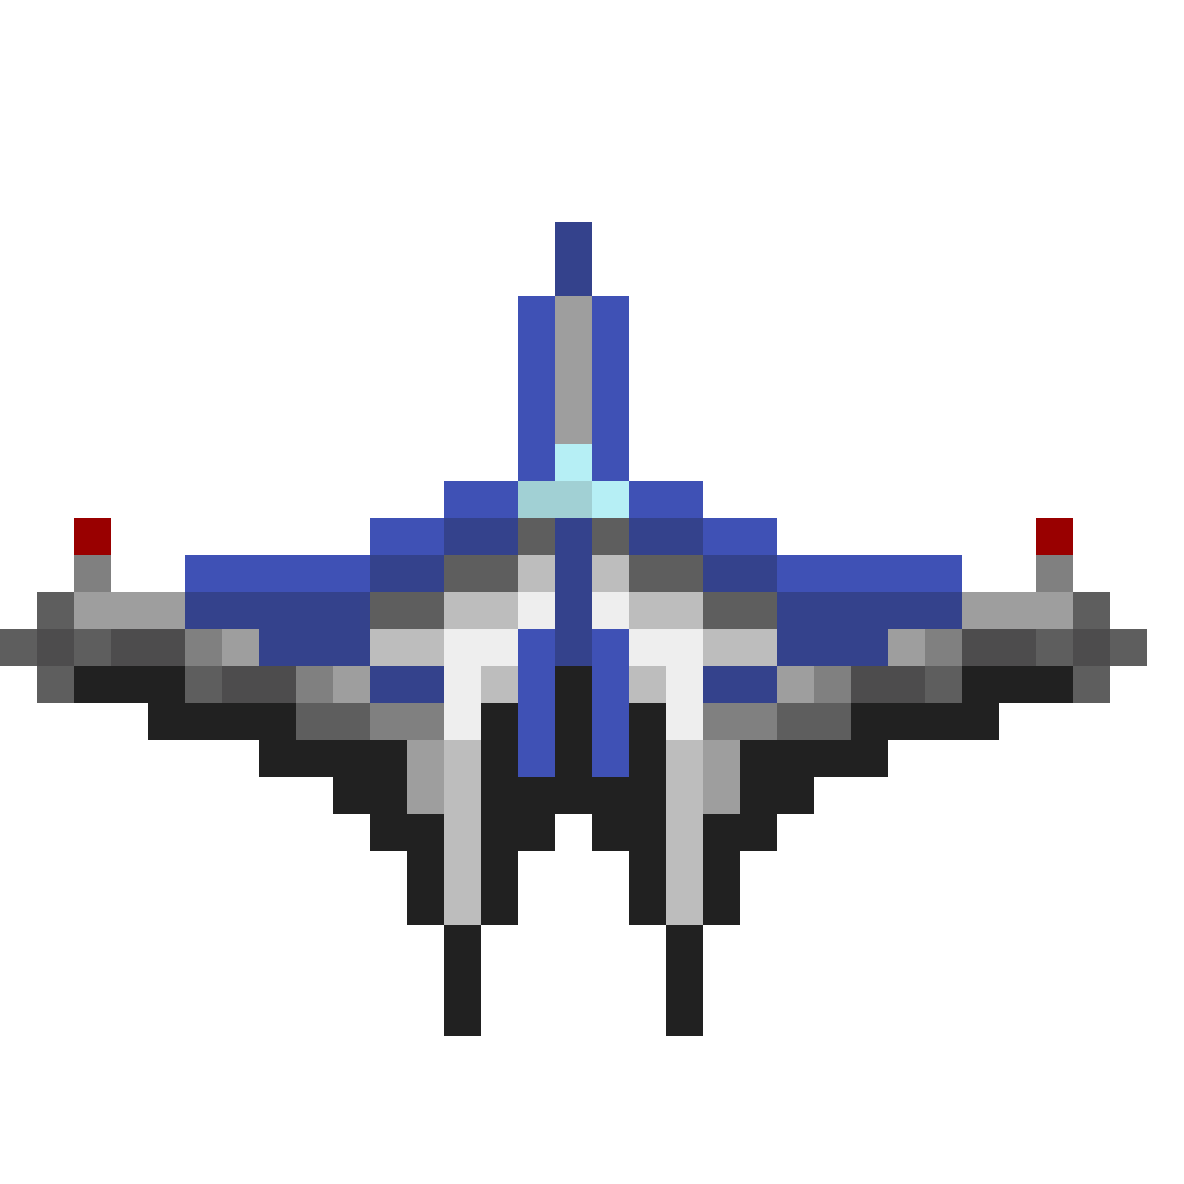 Blue Spaceship #1 by Faciane